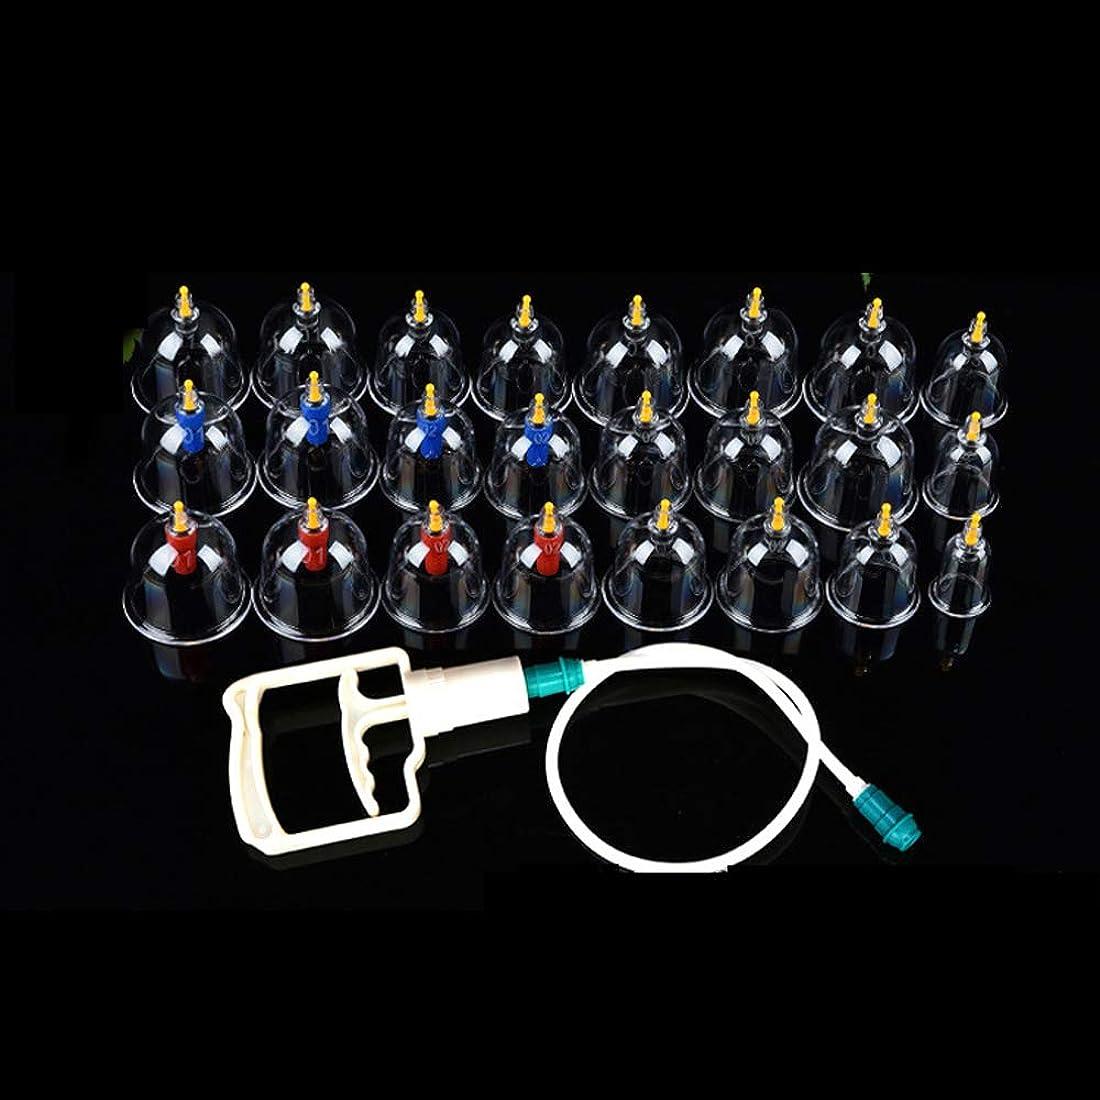 ウェブ堀明るくするixaer カッピング 吸い玉 カッピング セット真空マッサージ吸い玉 マッサージカップ マッサージセラピー 中国式療法 圧力解消 血液の循環を促進 マッサージ効果 (24個セット)